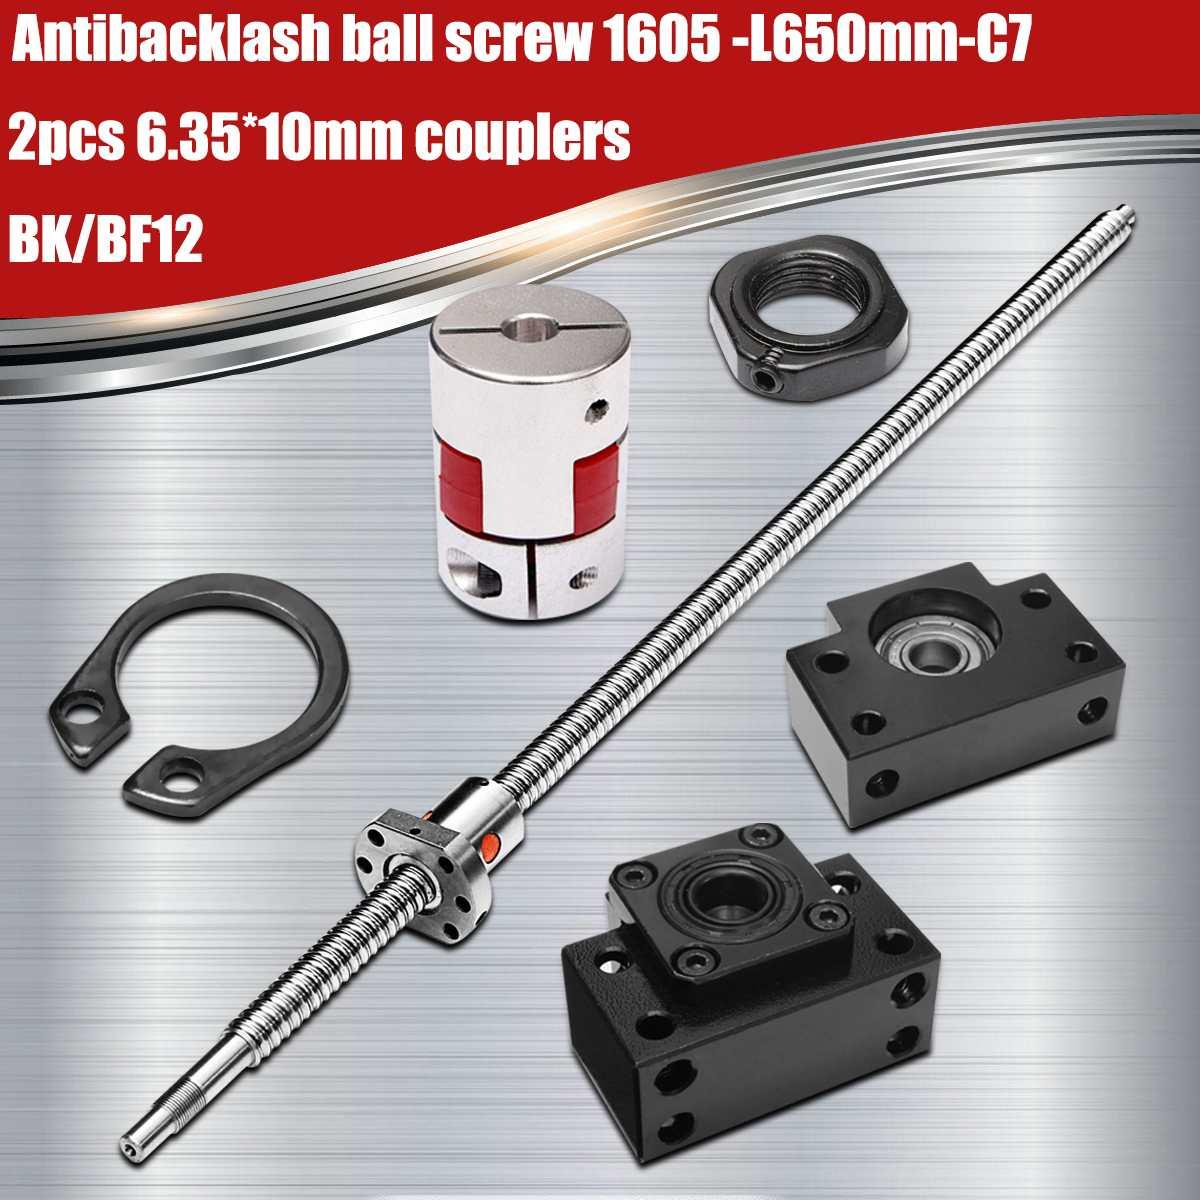 SFU1605-650mm laminé à vis à billes 1605-L650mm-C7 + BK/BF12 Soutien + 2 pièces 6.35*10mm coupleurs